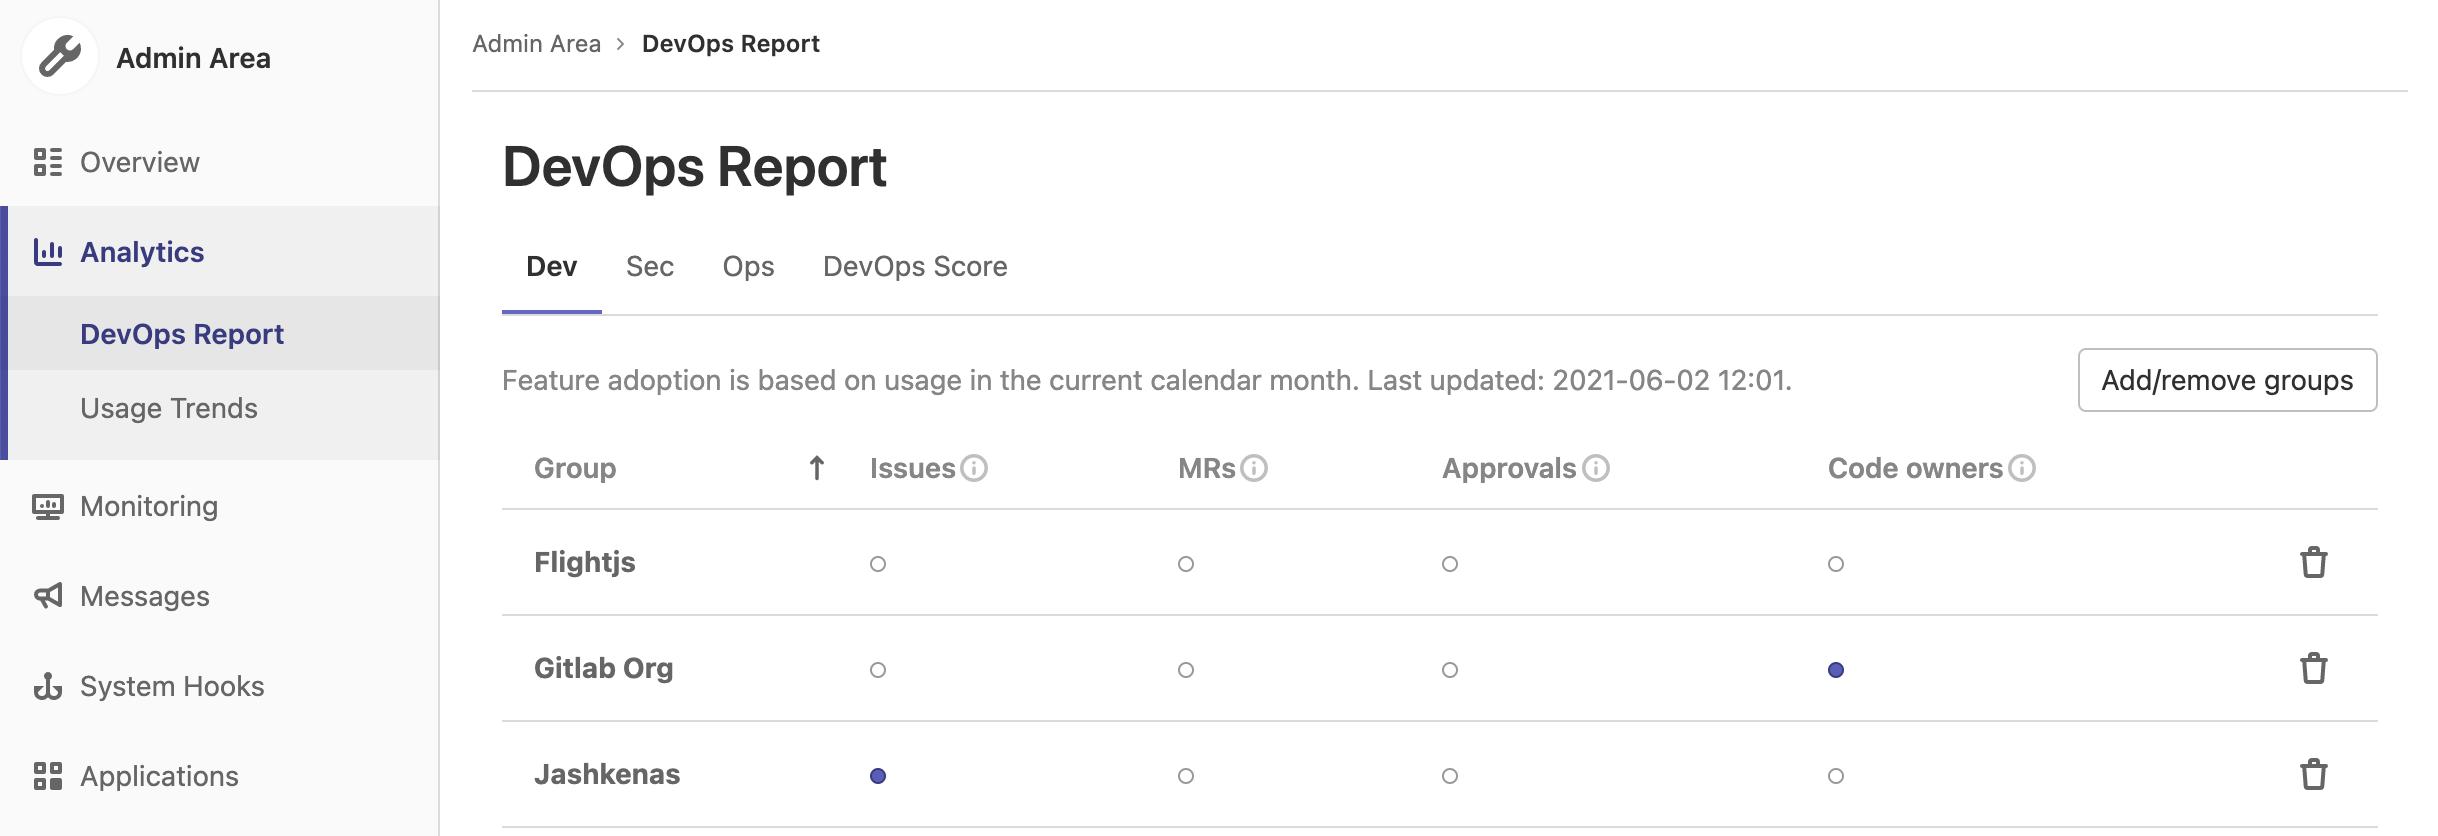 Instance-level DevOps Adoption report enabled by default